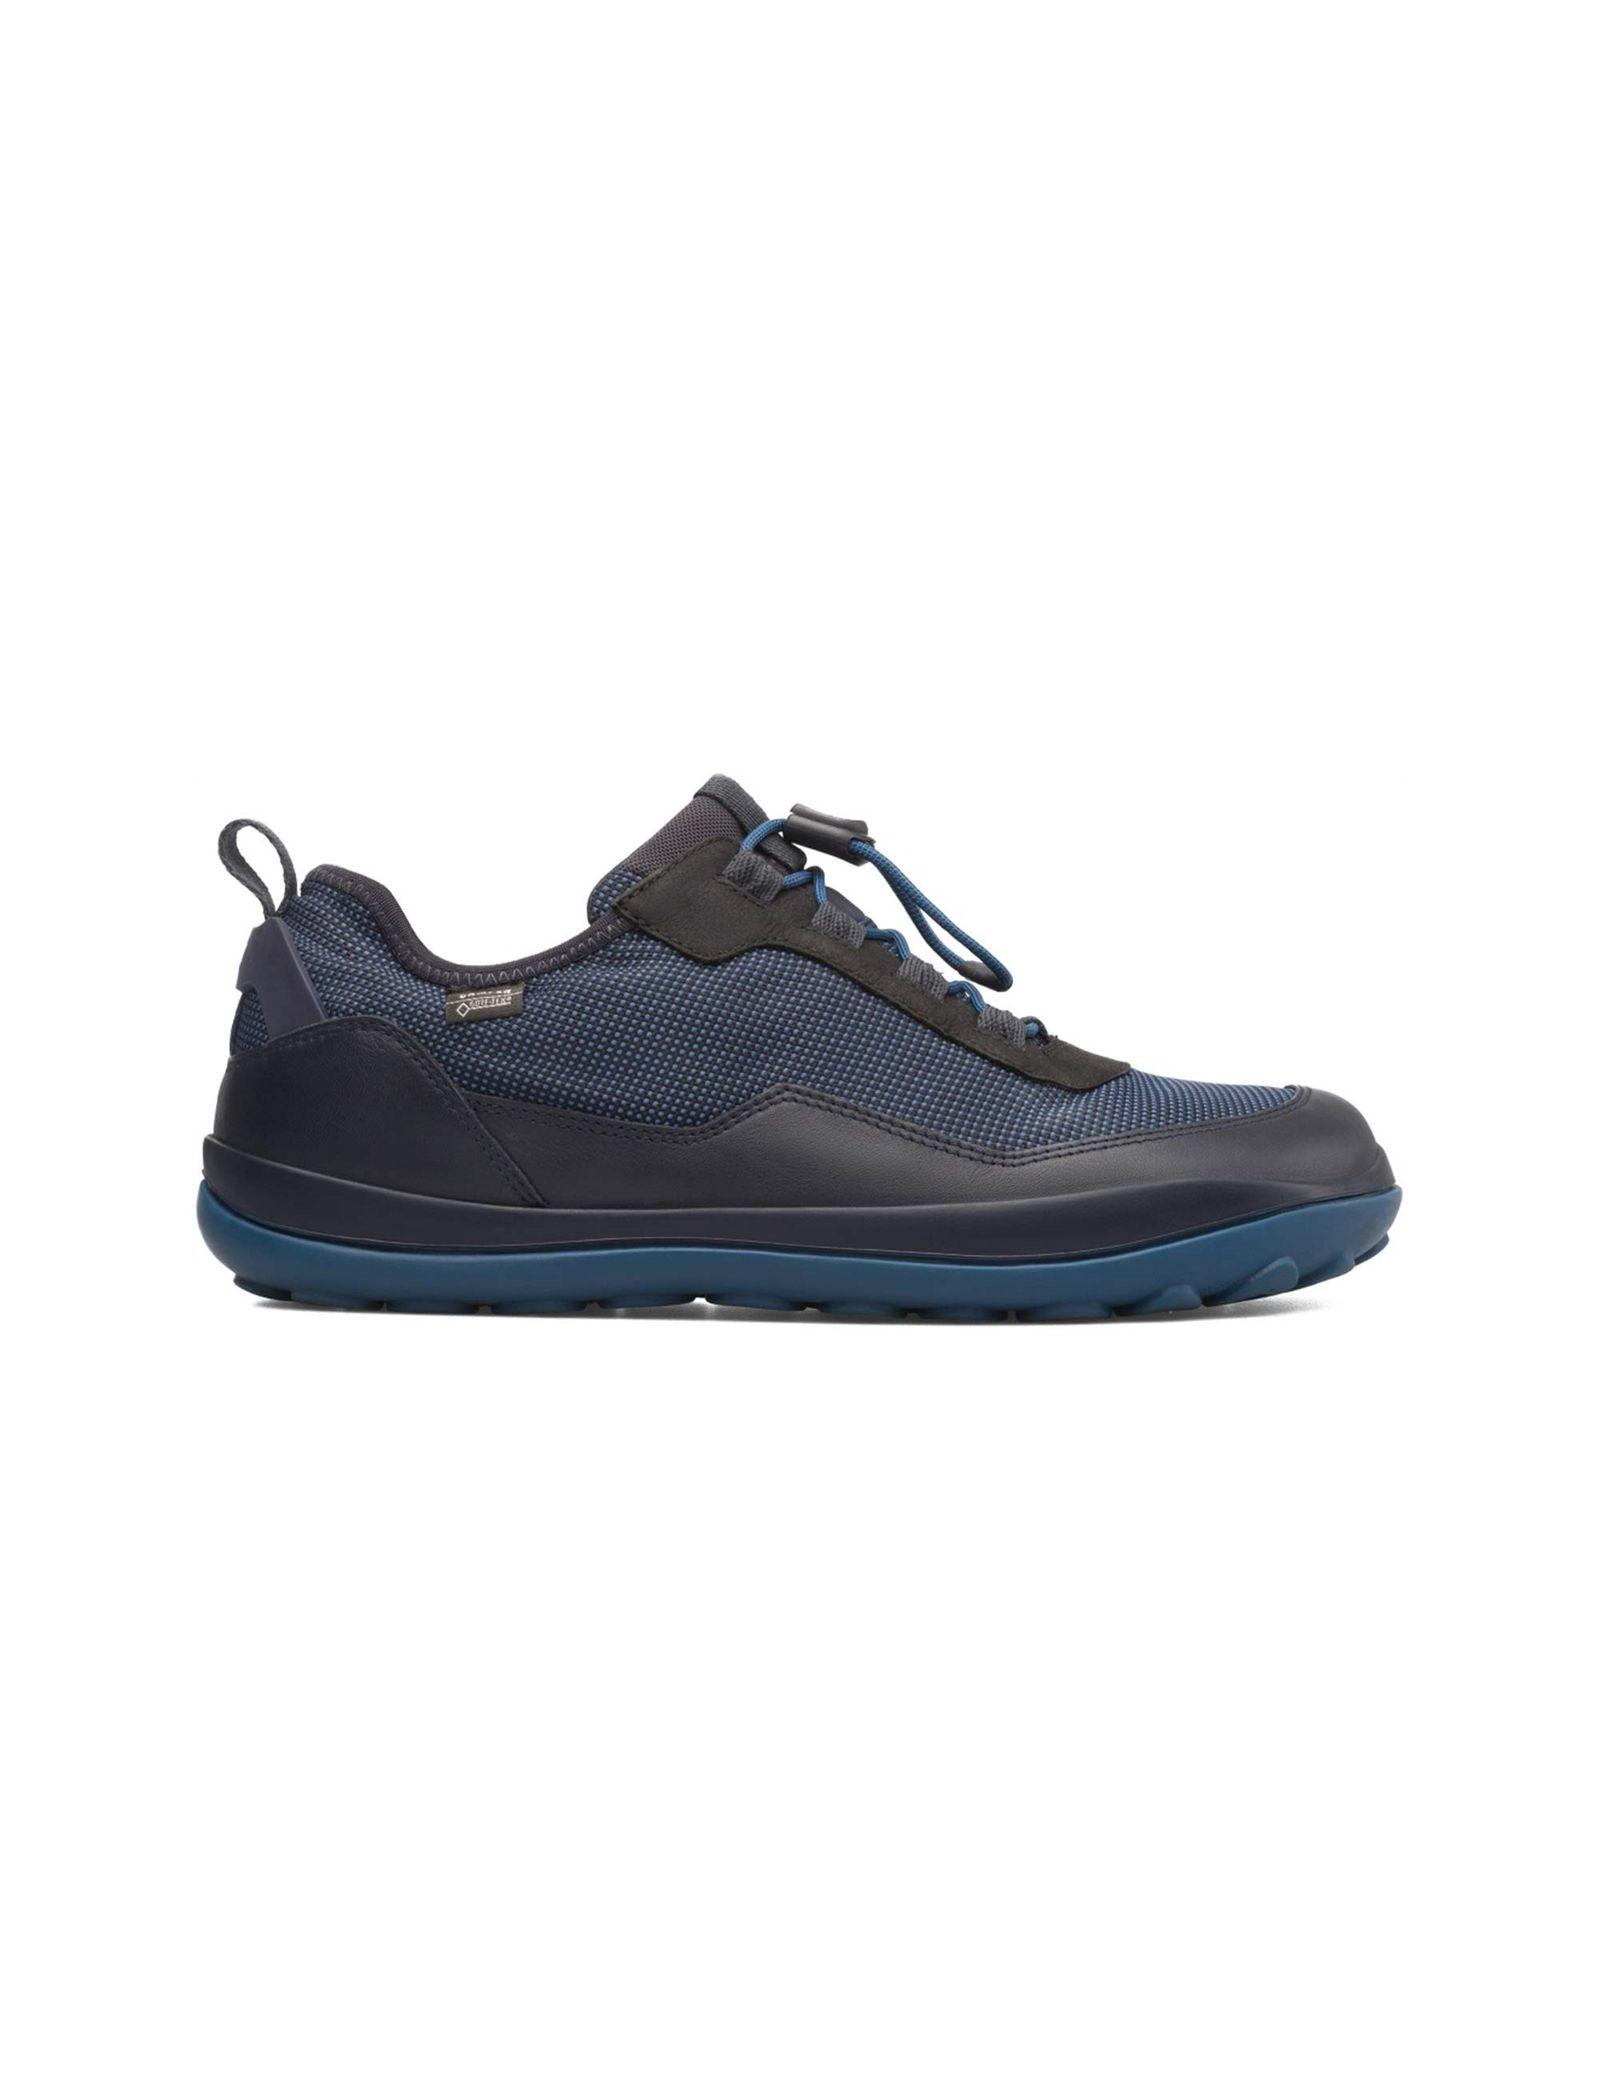 کفش طبیعت گردی بندی مردانه - کمپر - مشکي و سرمه اي - 1